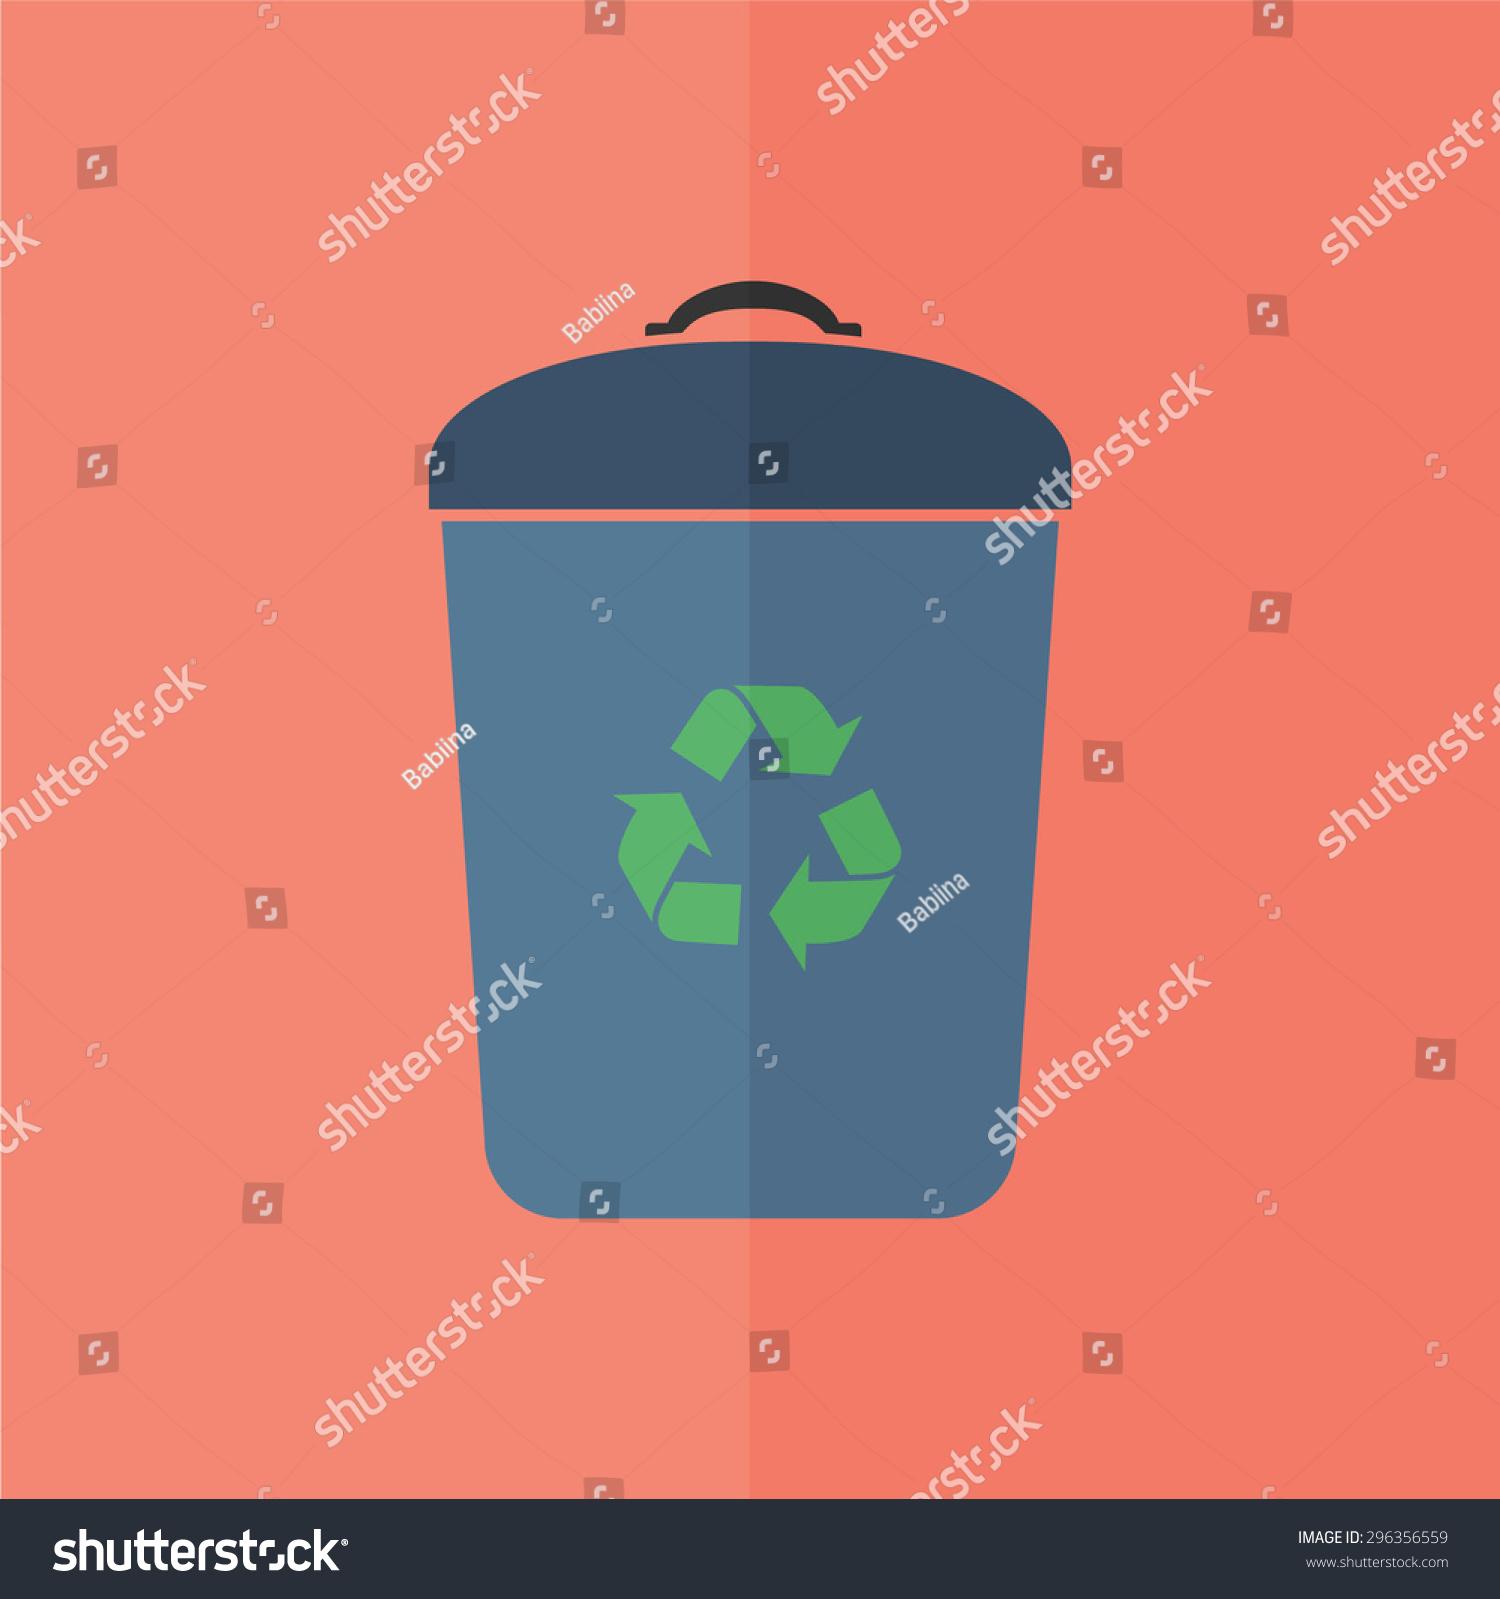 垃圾桶矢量图标.平面设计